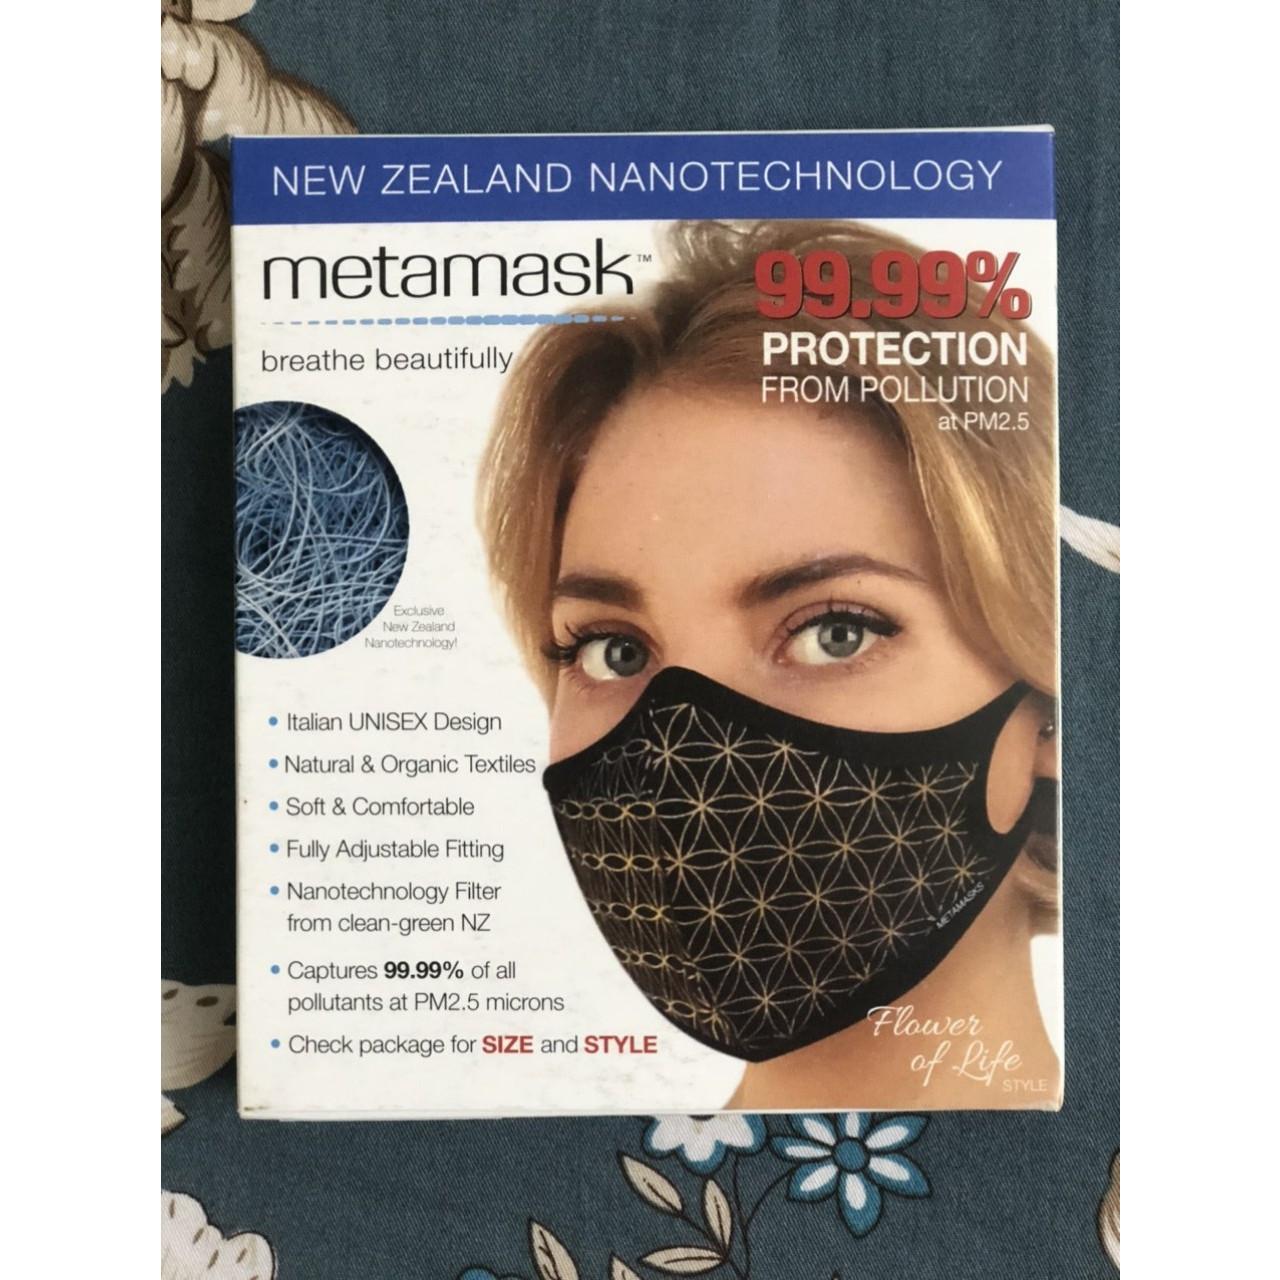 Khẩu Trang Cao Cấp Metamasks - Phòng chống hiệu quả Bụi Mịn Và Các Vi Khuẩn, Virus Có Hại  - M - Flower